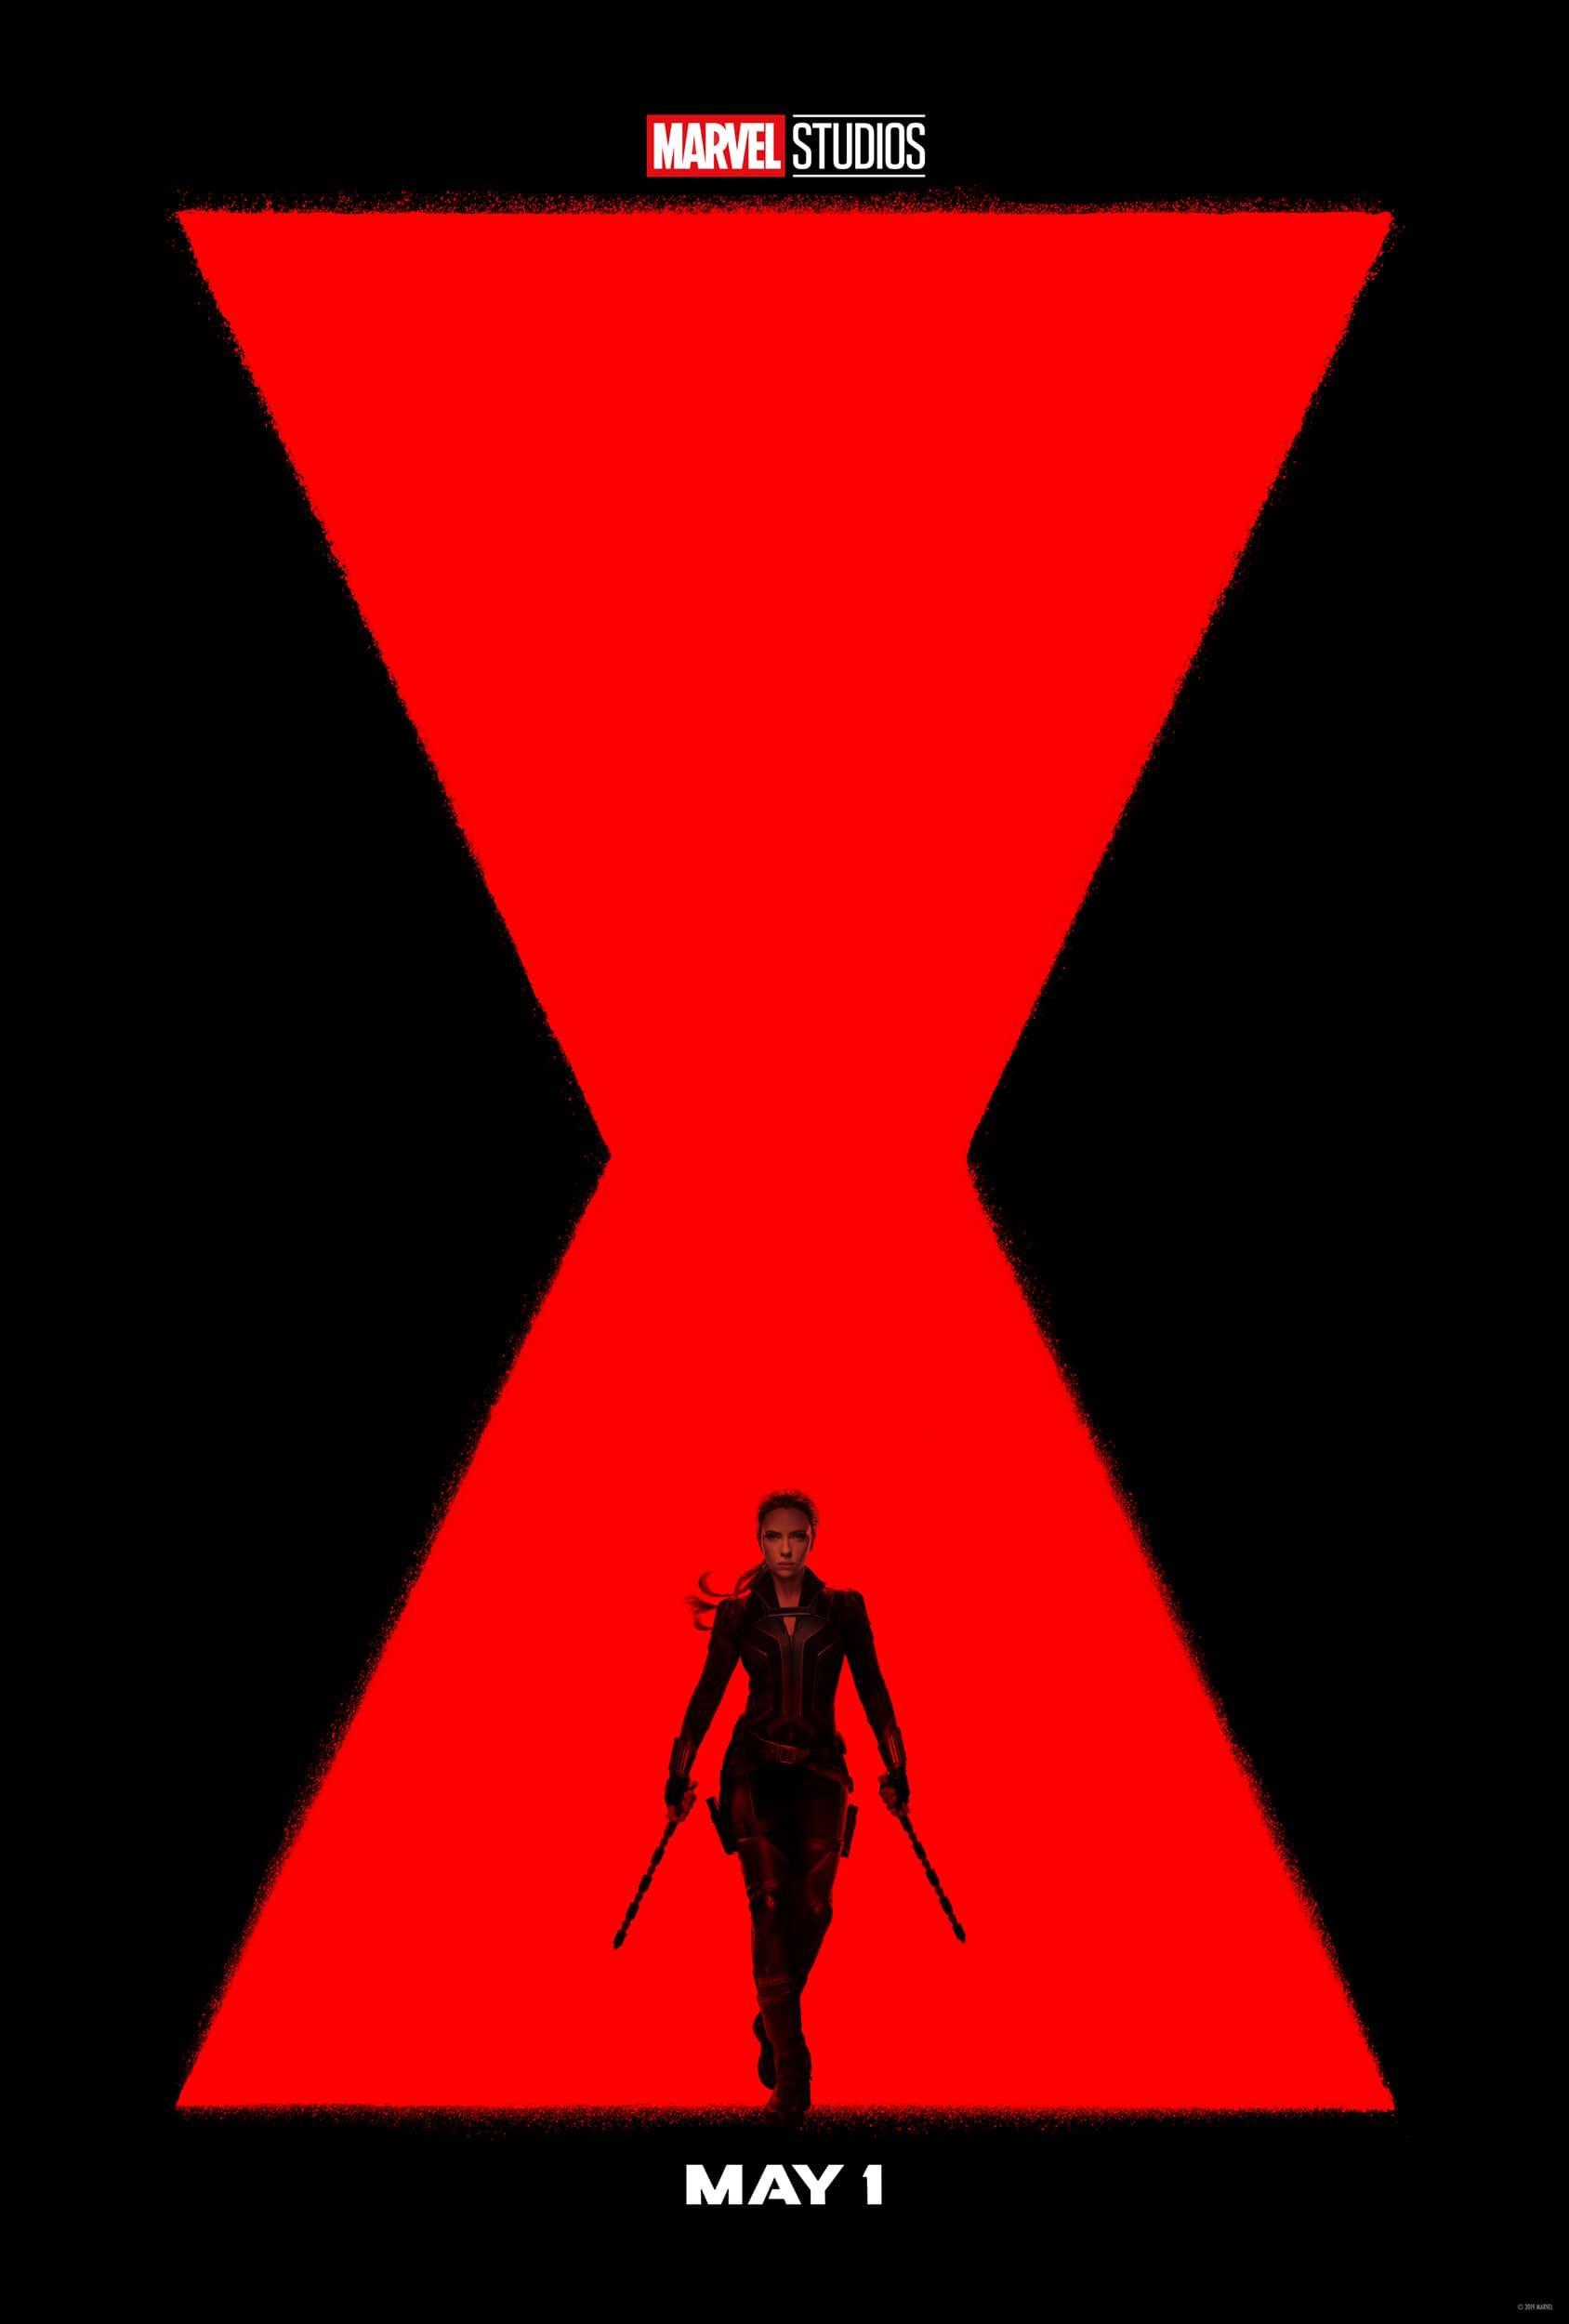 Black Widow Movie Poster 2020 Scarlett Johansson Teaser